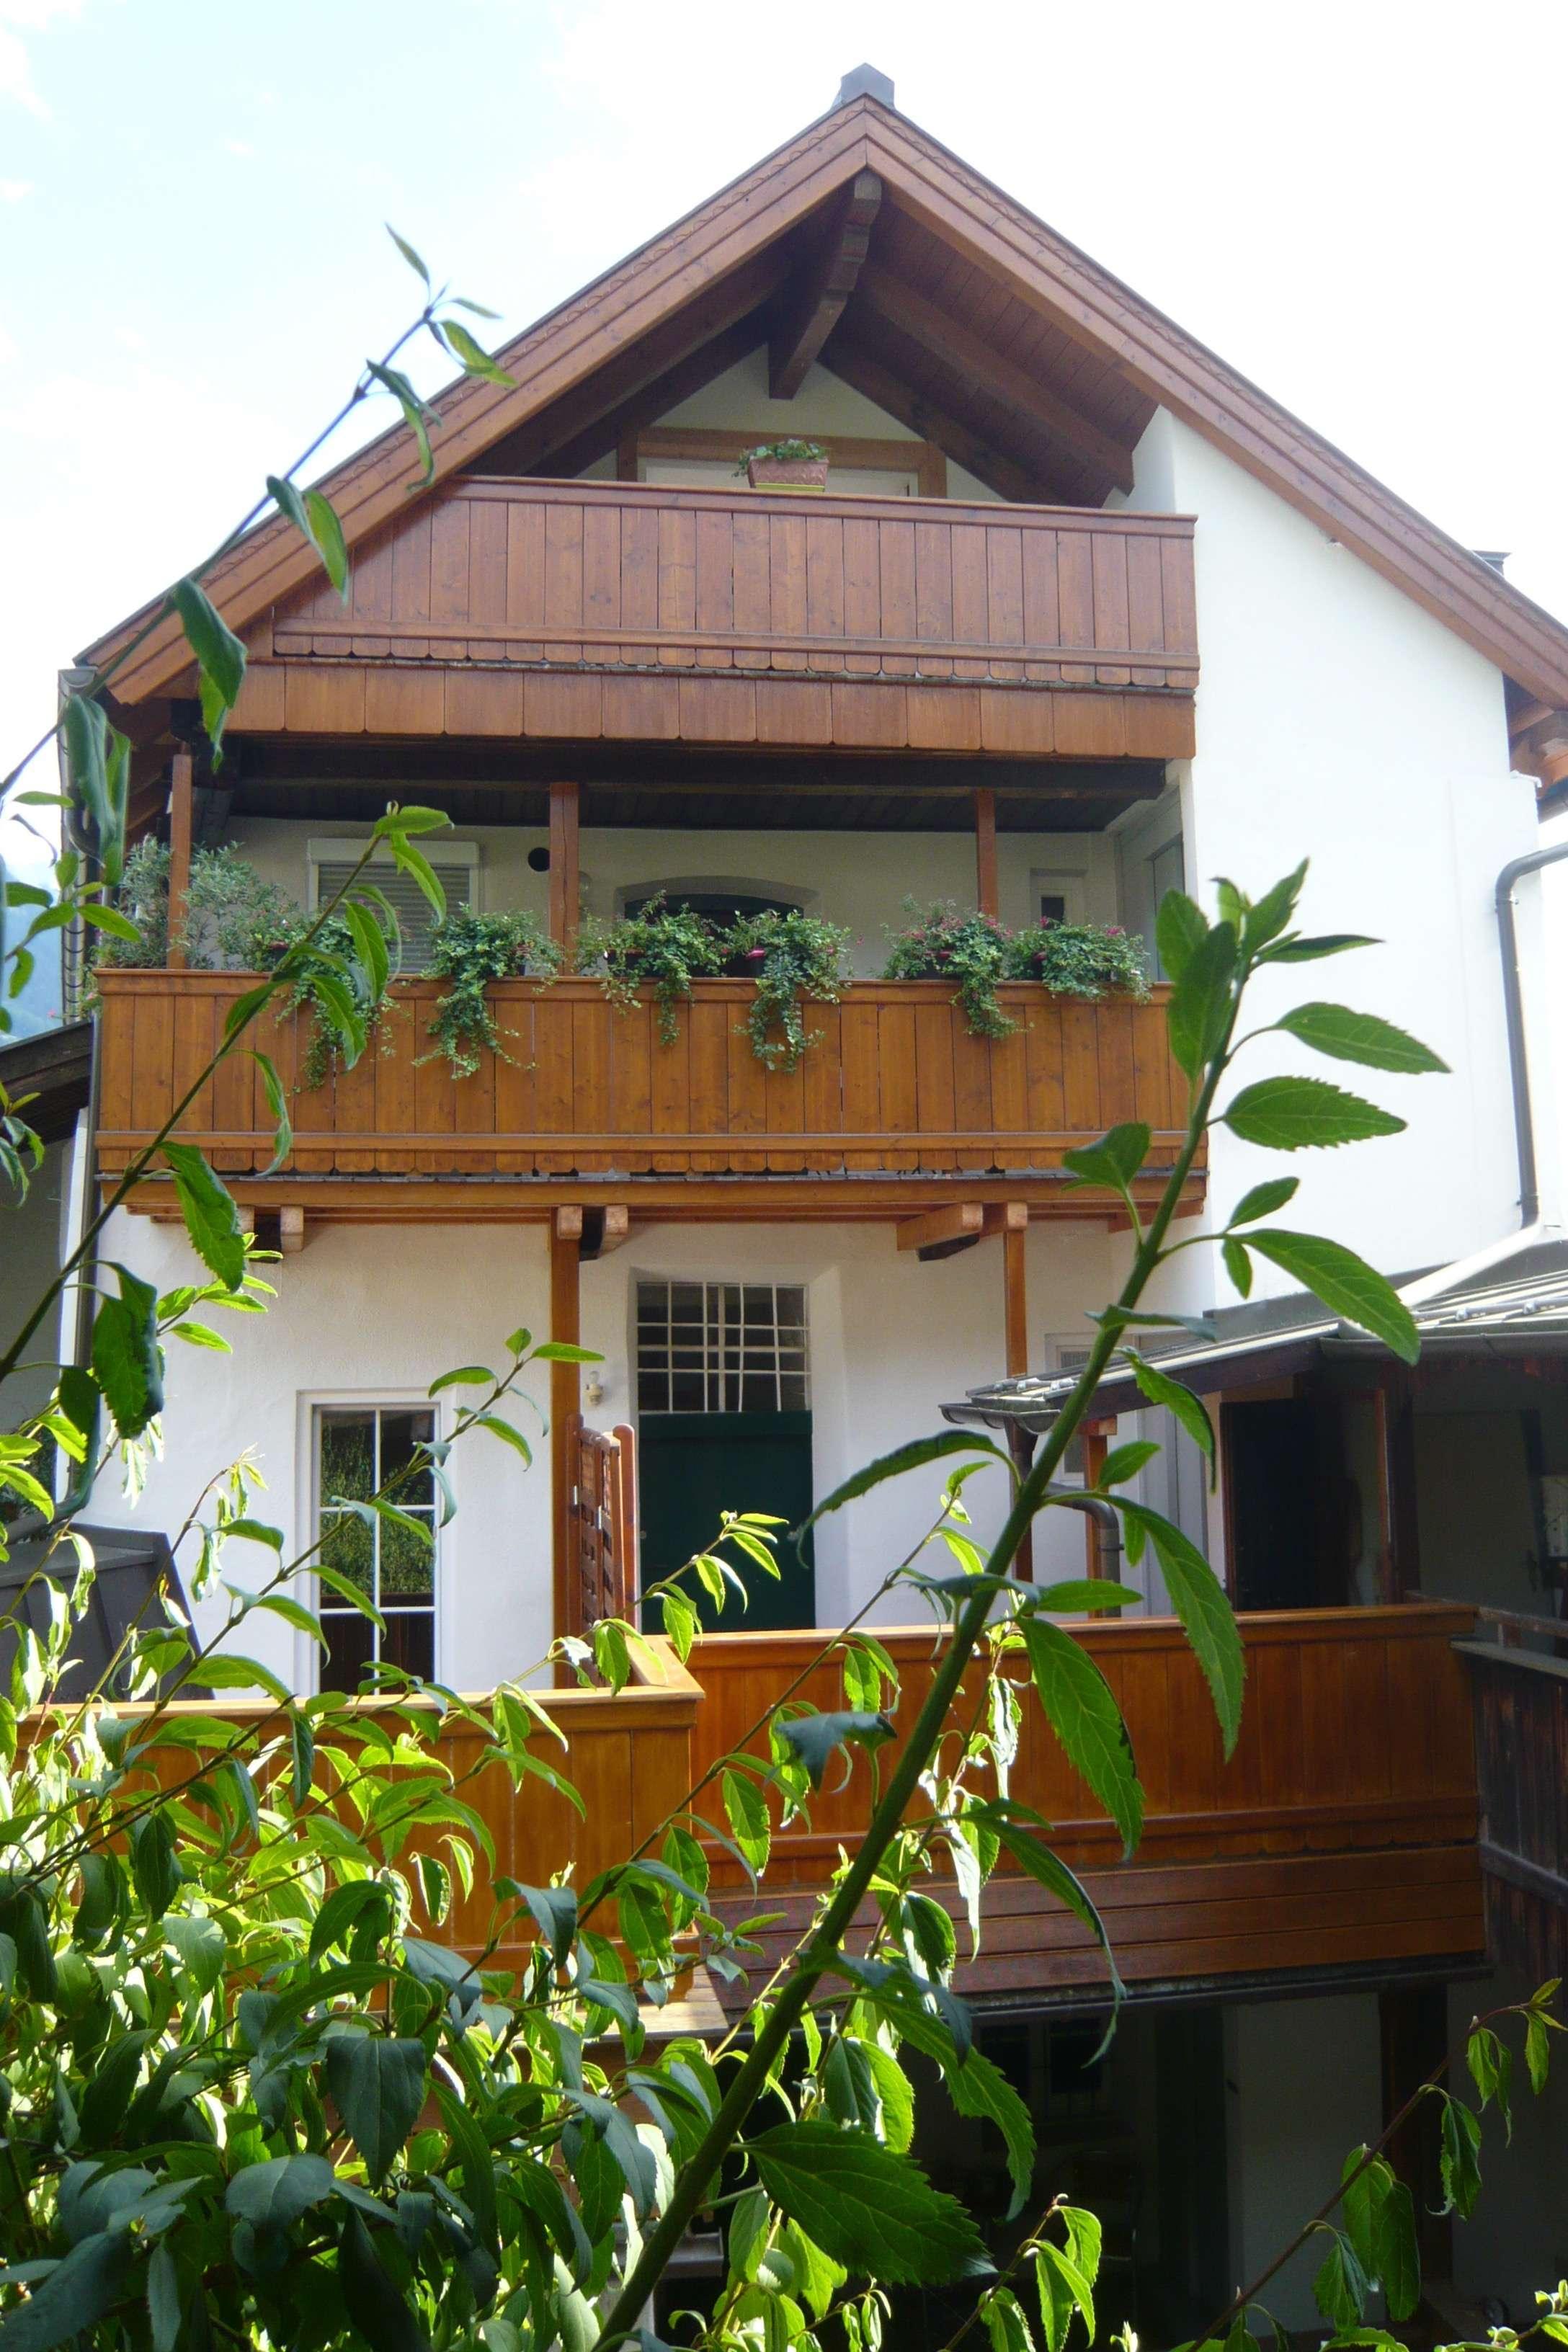 Berchtesgaden Marktplatz: Anspruchsvolle 3-Zimmerwohnung mit Balkon in Berchtesgaden